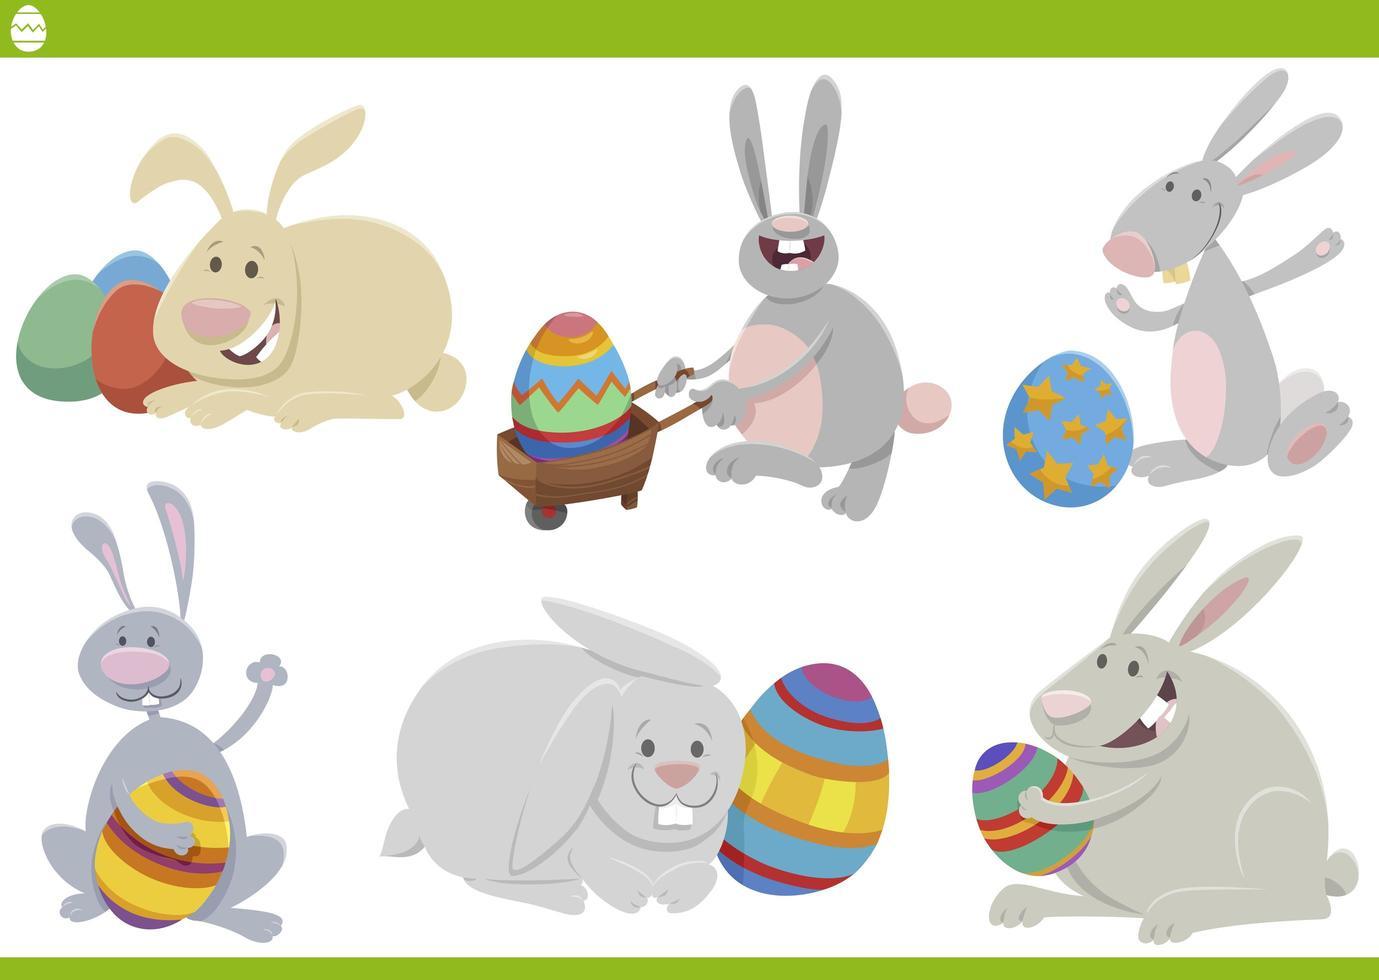 dessin animé de vacances de lapins de pâques vecteur